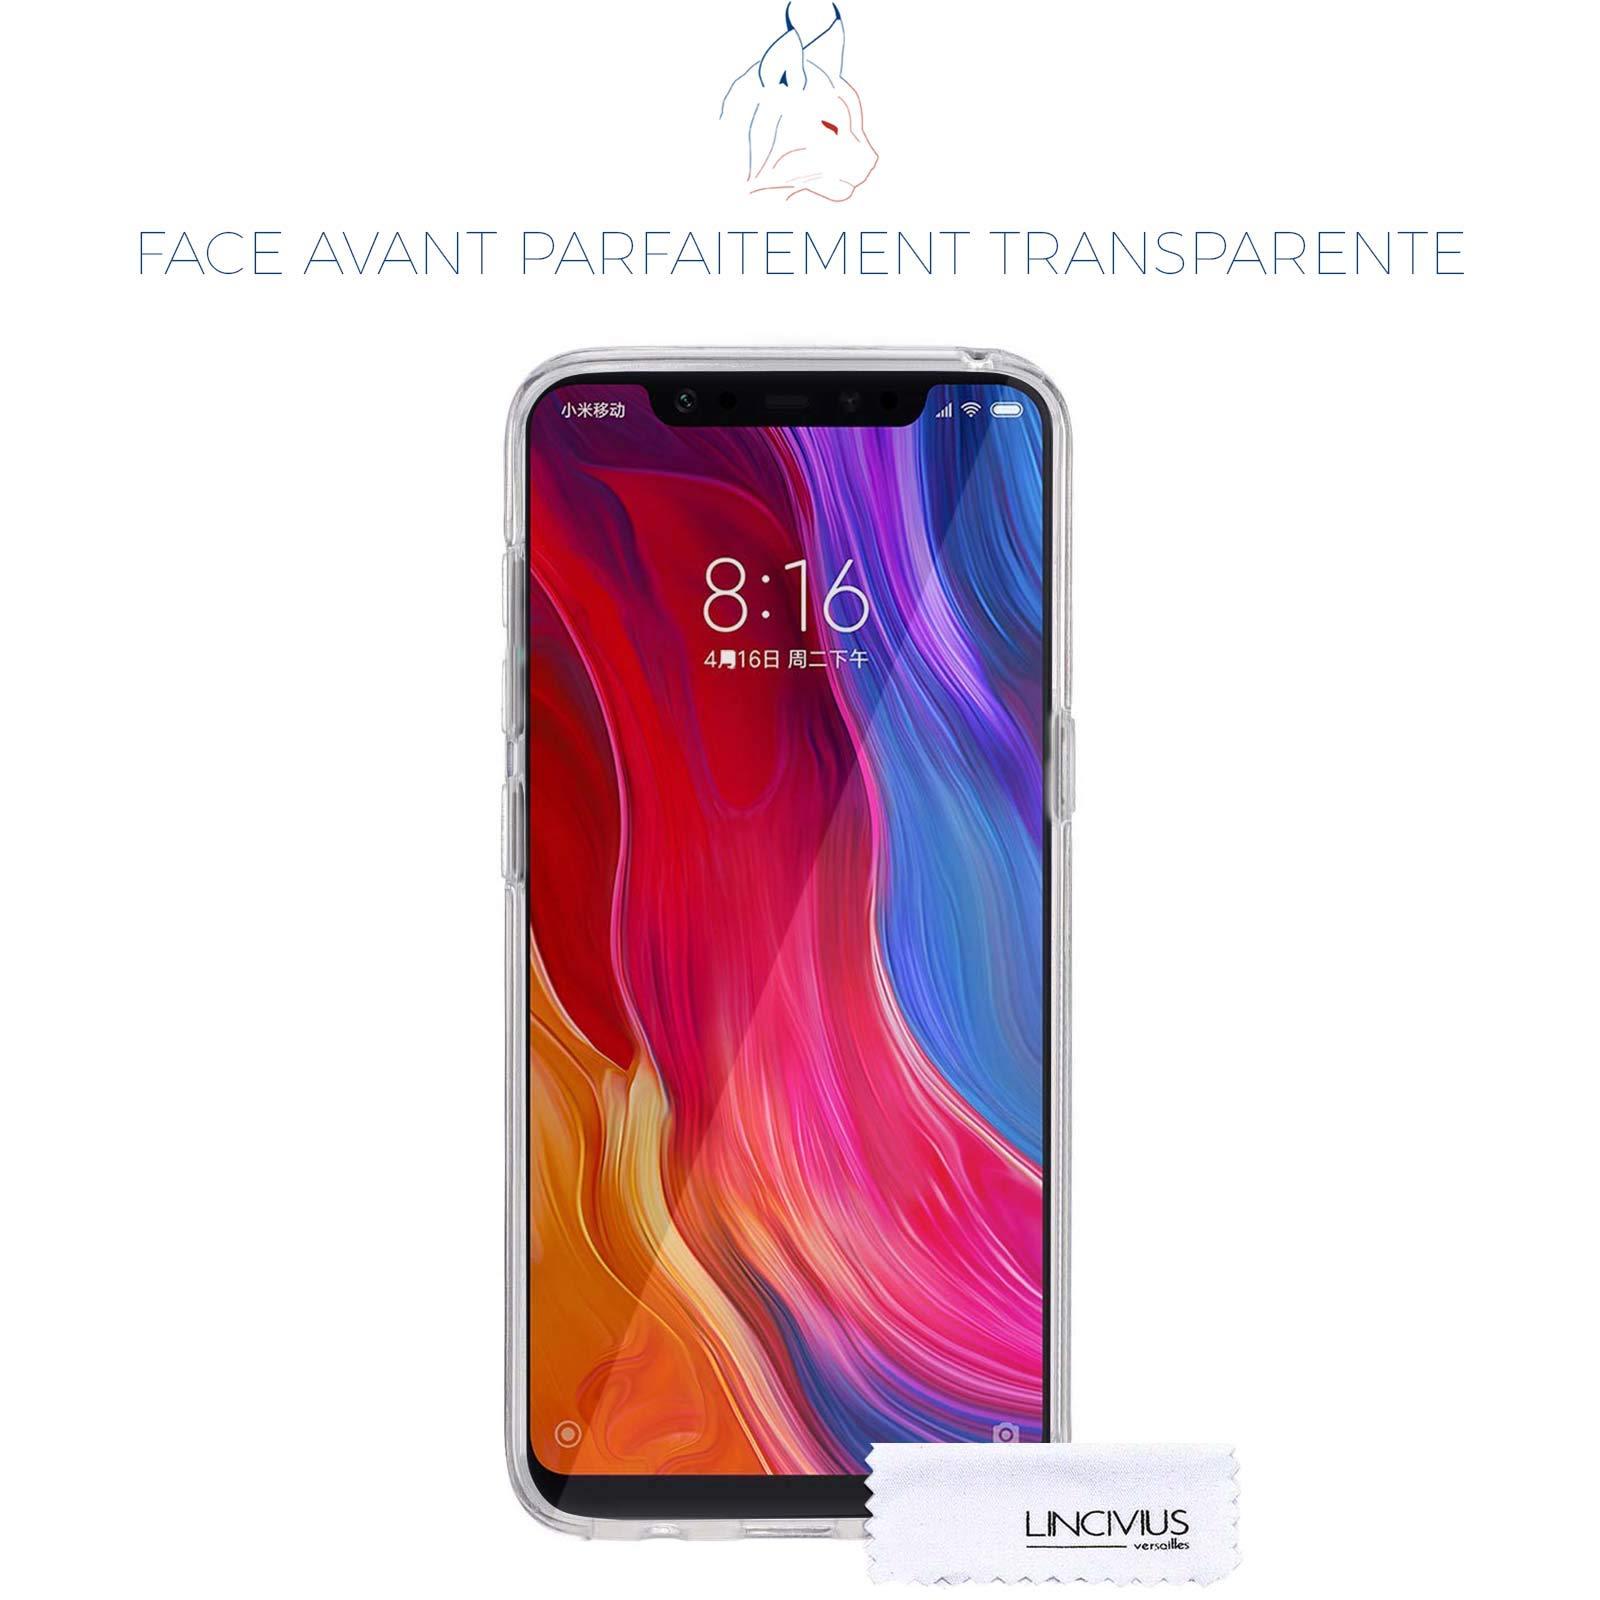 LINCIVIUS  Coque Integrale Compatible avec Xiaomi Mi 8, Coque de Protection 2 en 1 Bumper Transparent Silicone Avant Et Arrière Contour Bumper Rigide pour Xiaomi Mi 8, Transparent